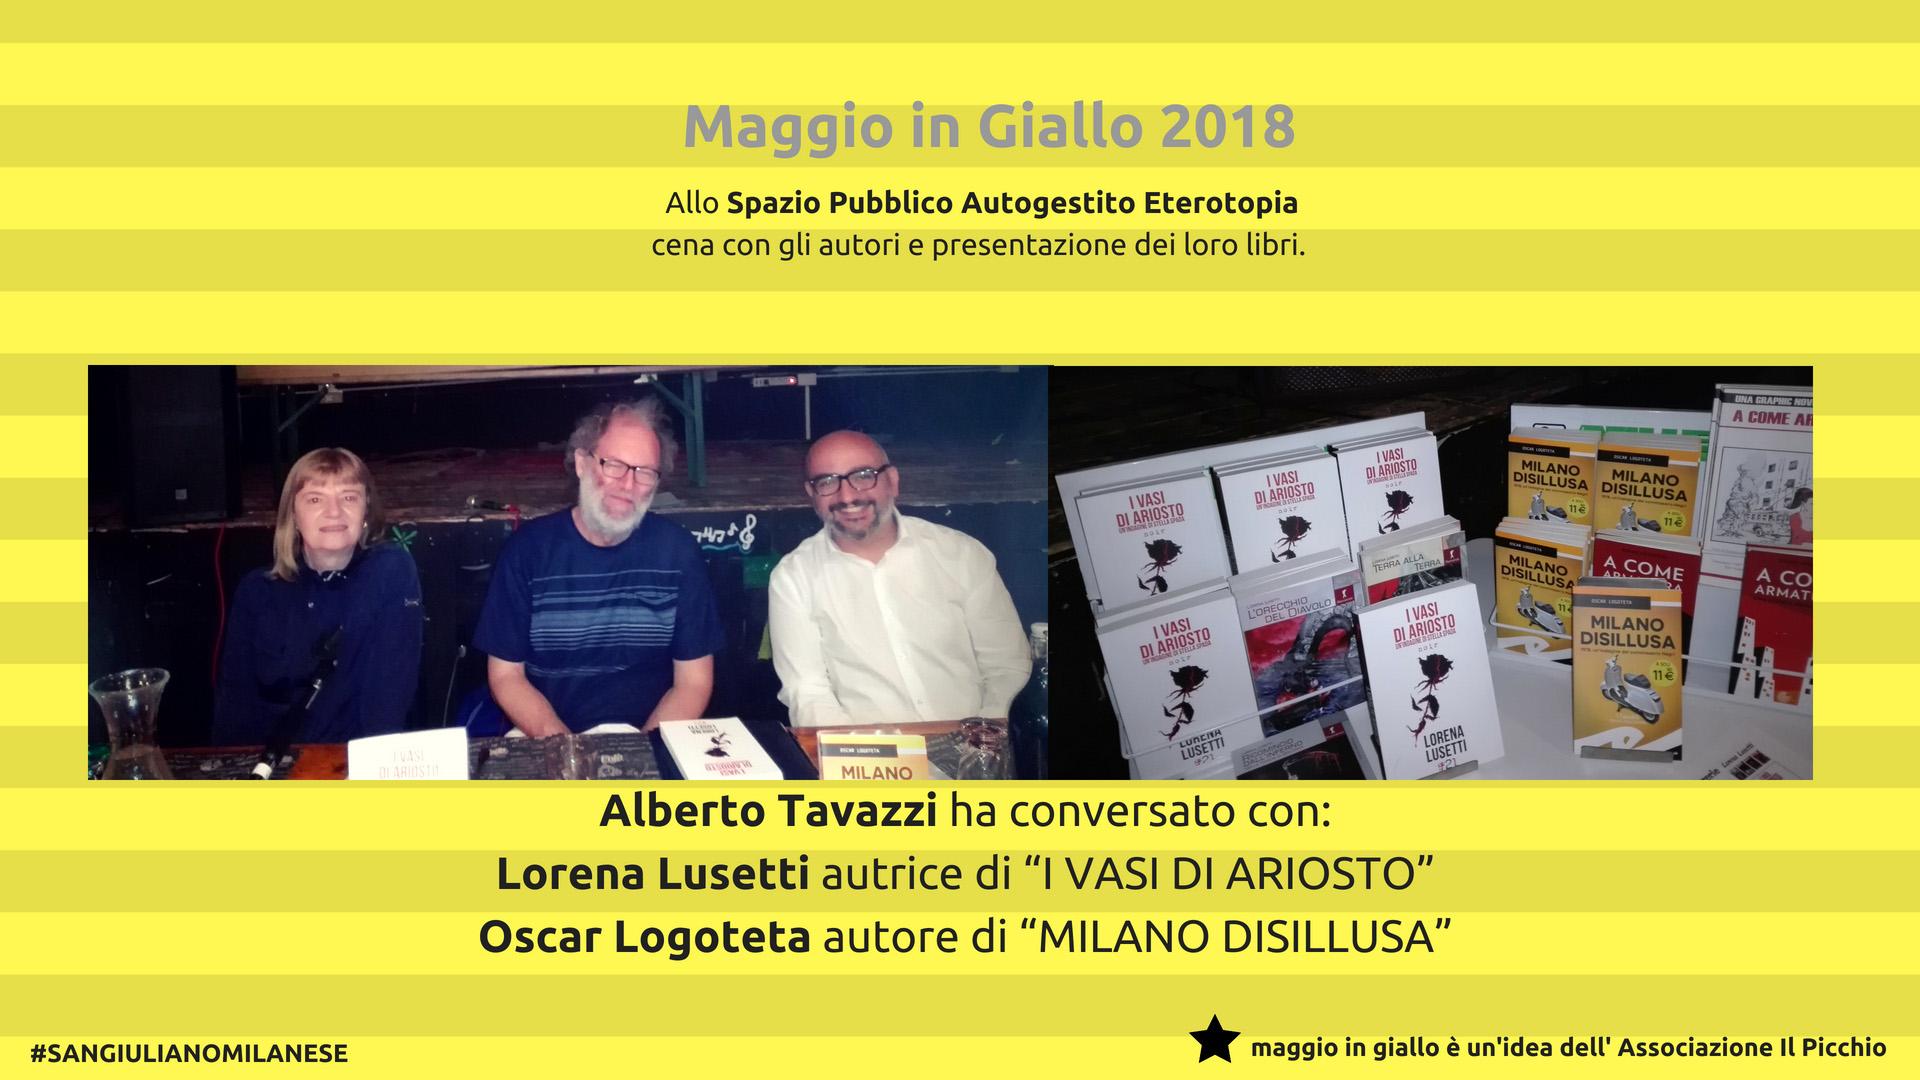 03808_MaggioinGiallo2018_Tavazzi